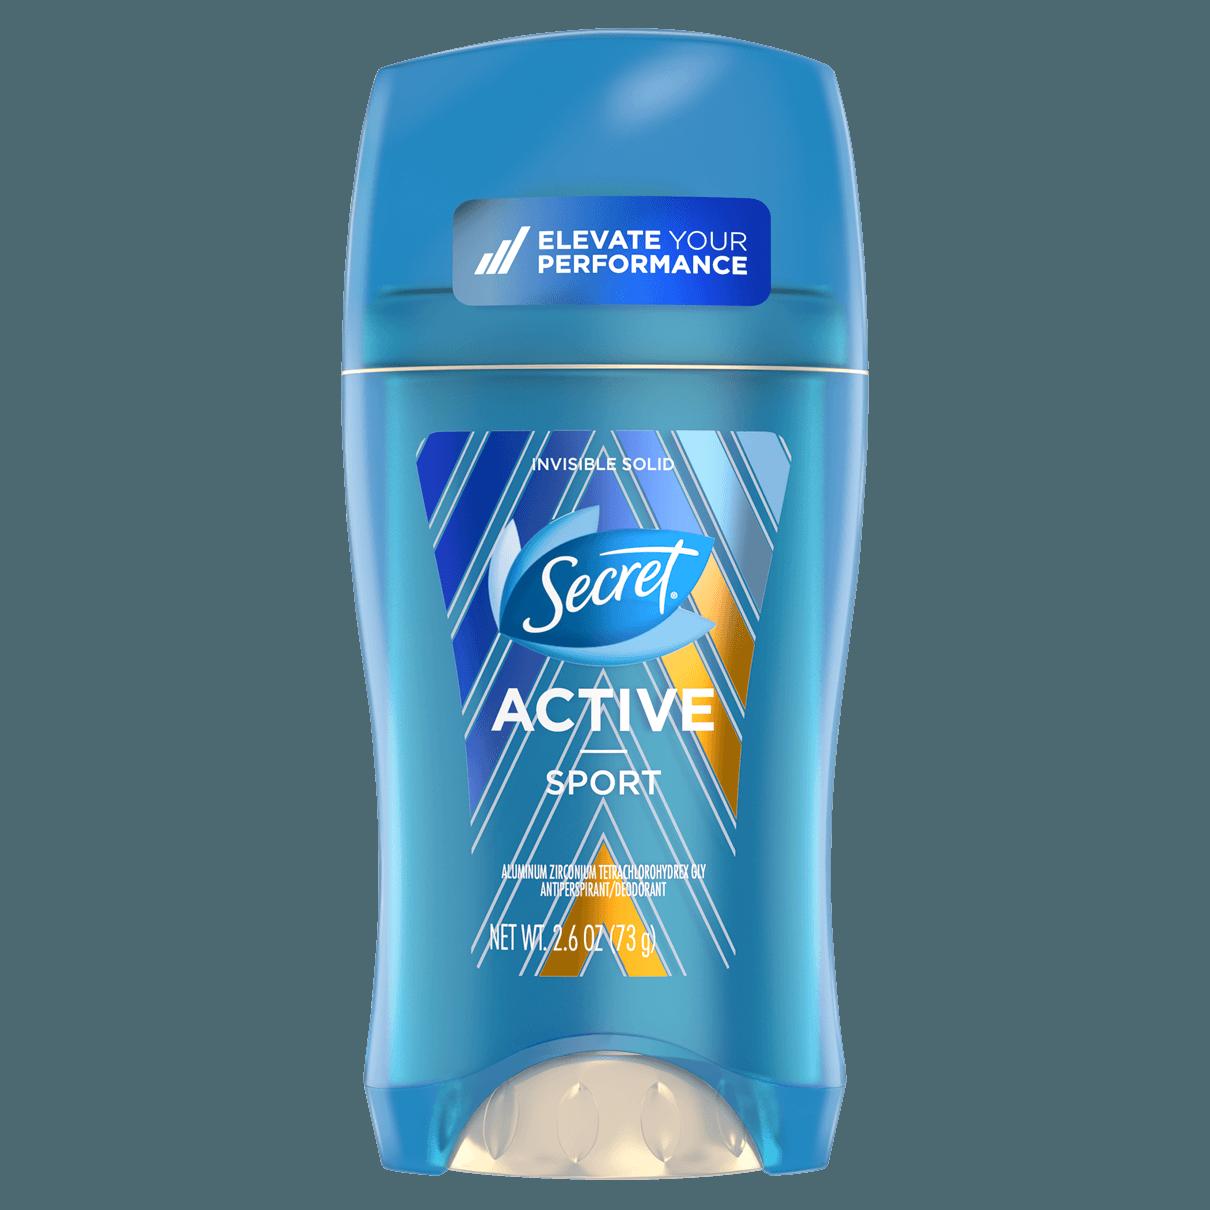 Secret | Shop All Secret Products